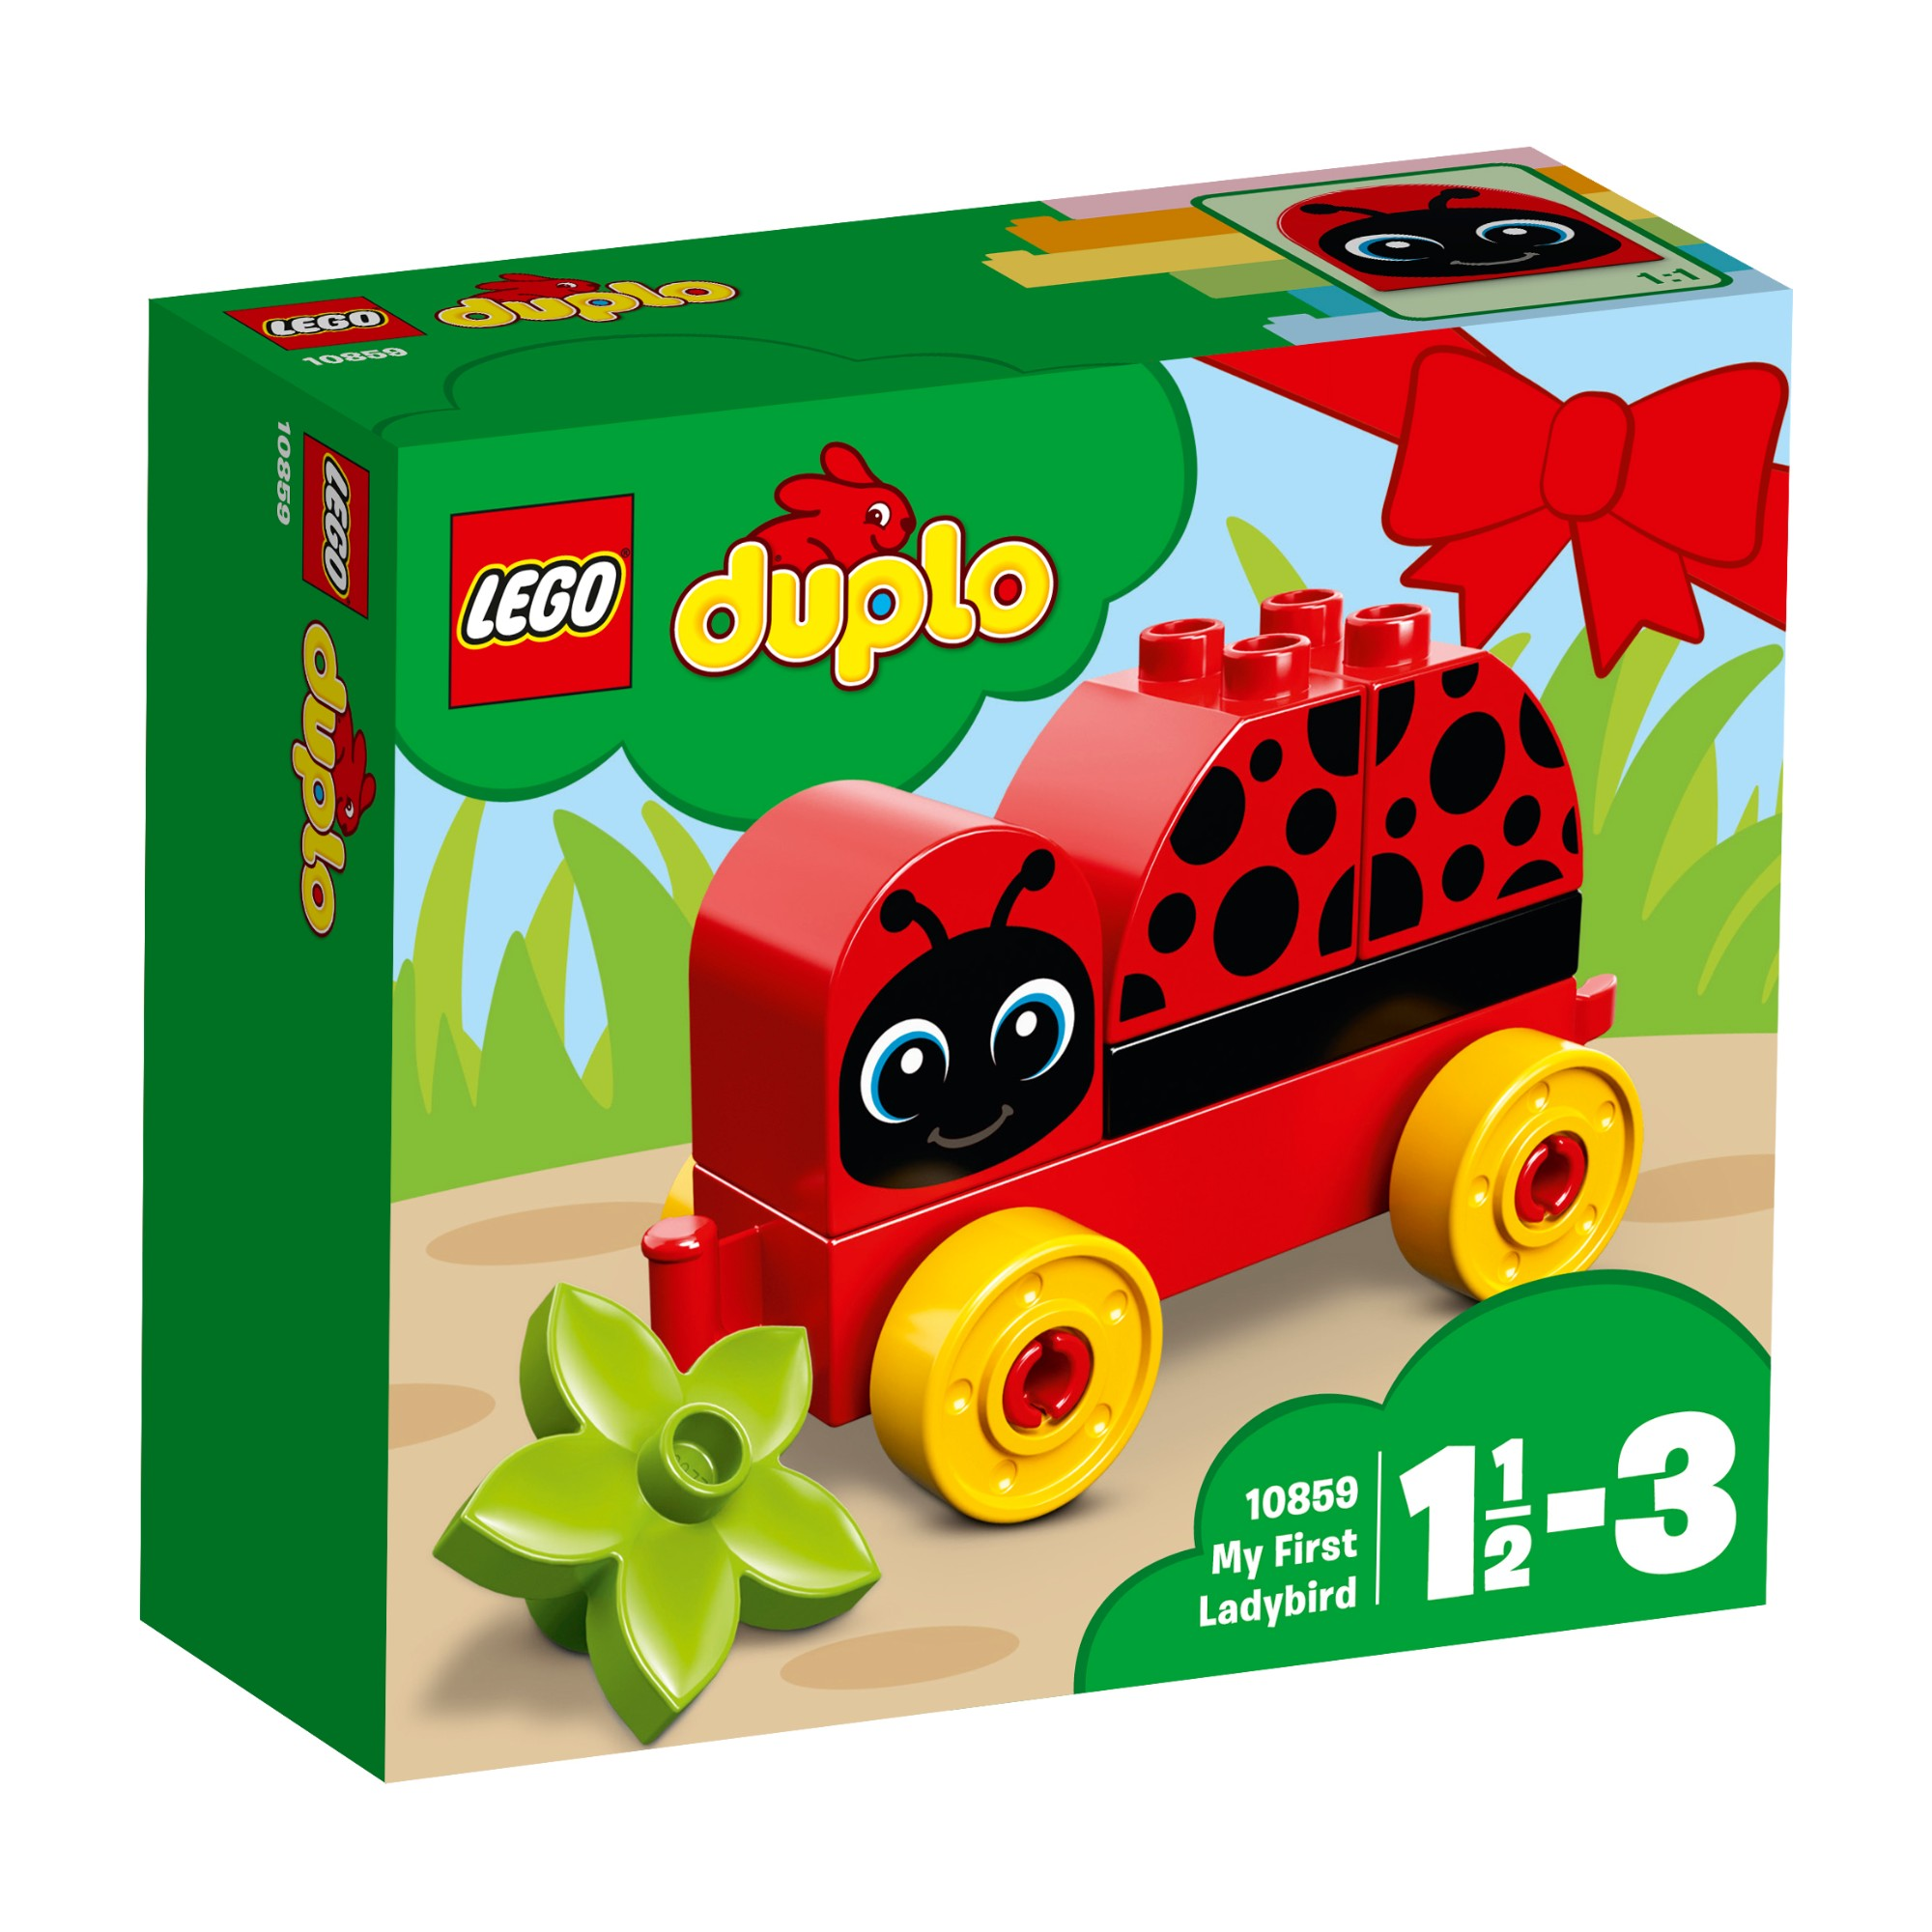 Konstruktorius LEGO DUPLO Mano pirmoji boružė 1-3 metų vaikams (10859)